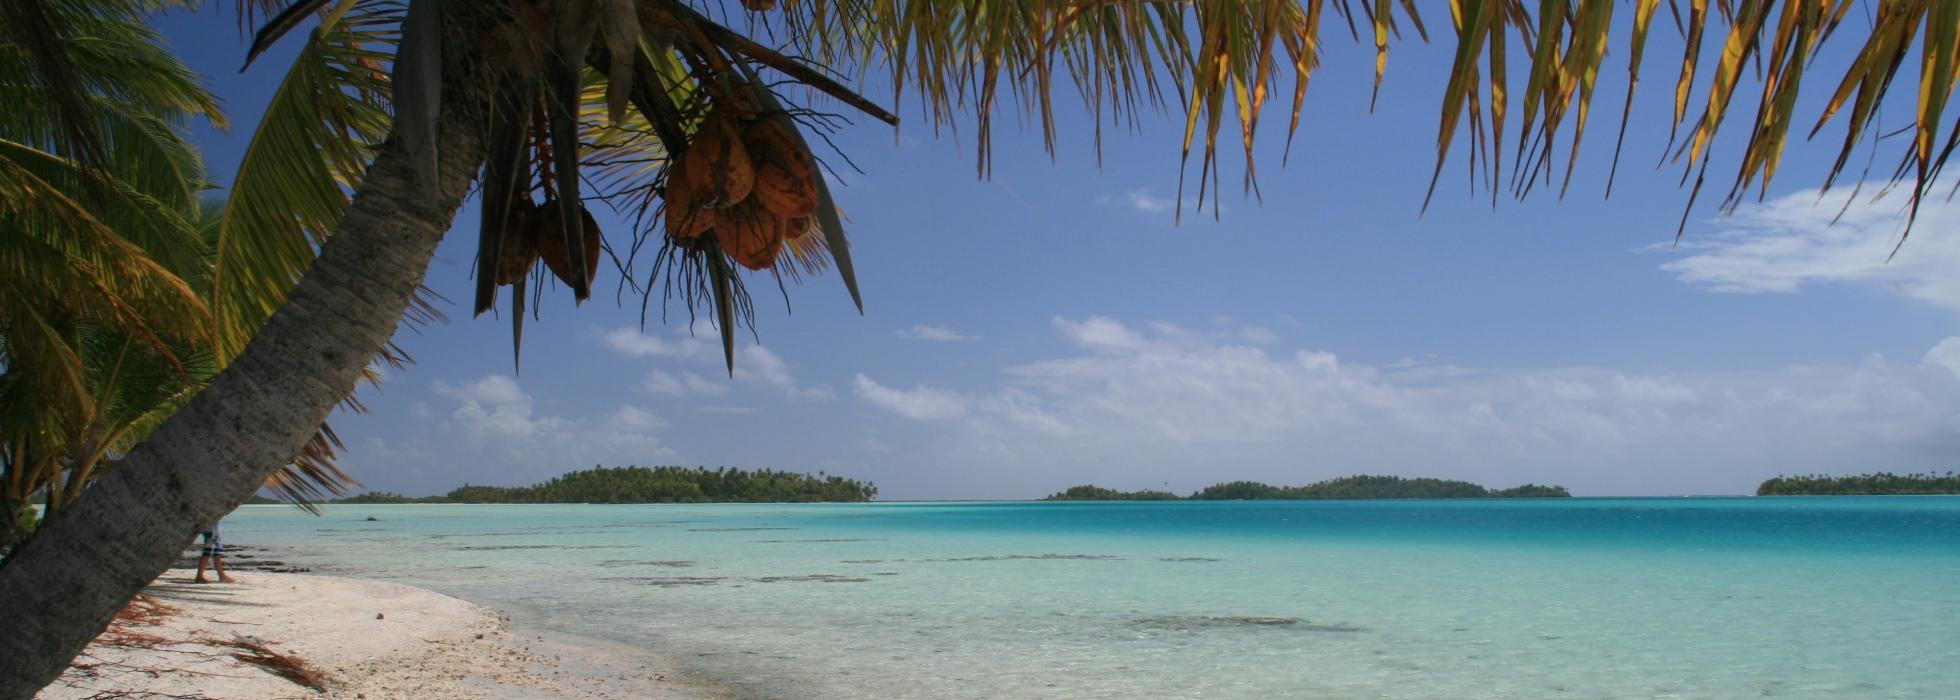 Rangiroa - Tahiti